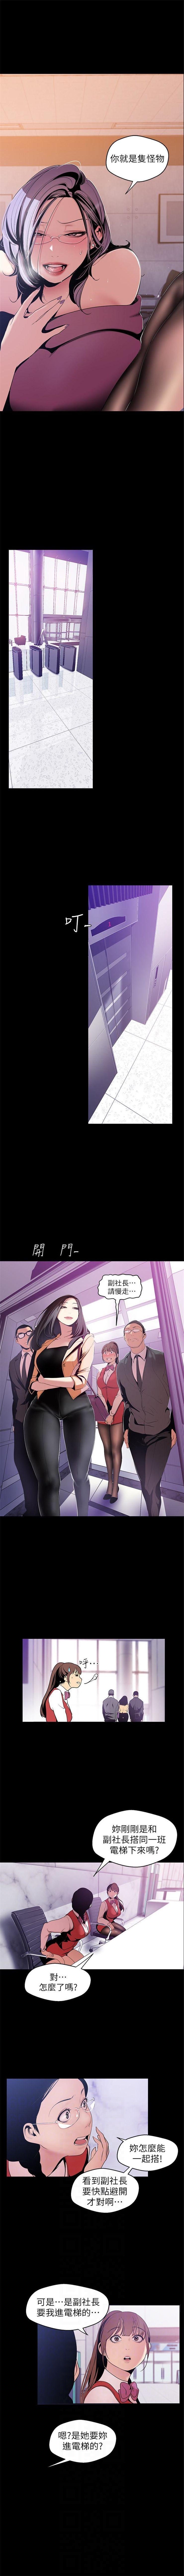 美麗新世界 1-85 官方中文(連載中) 429